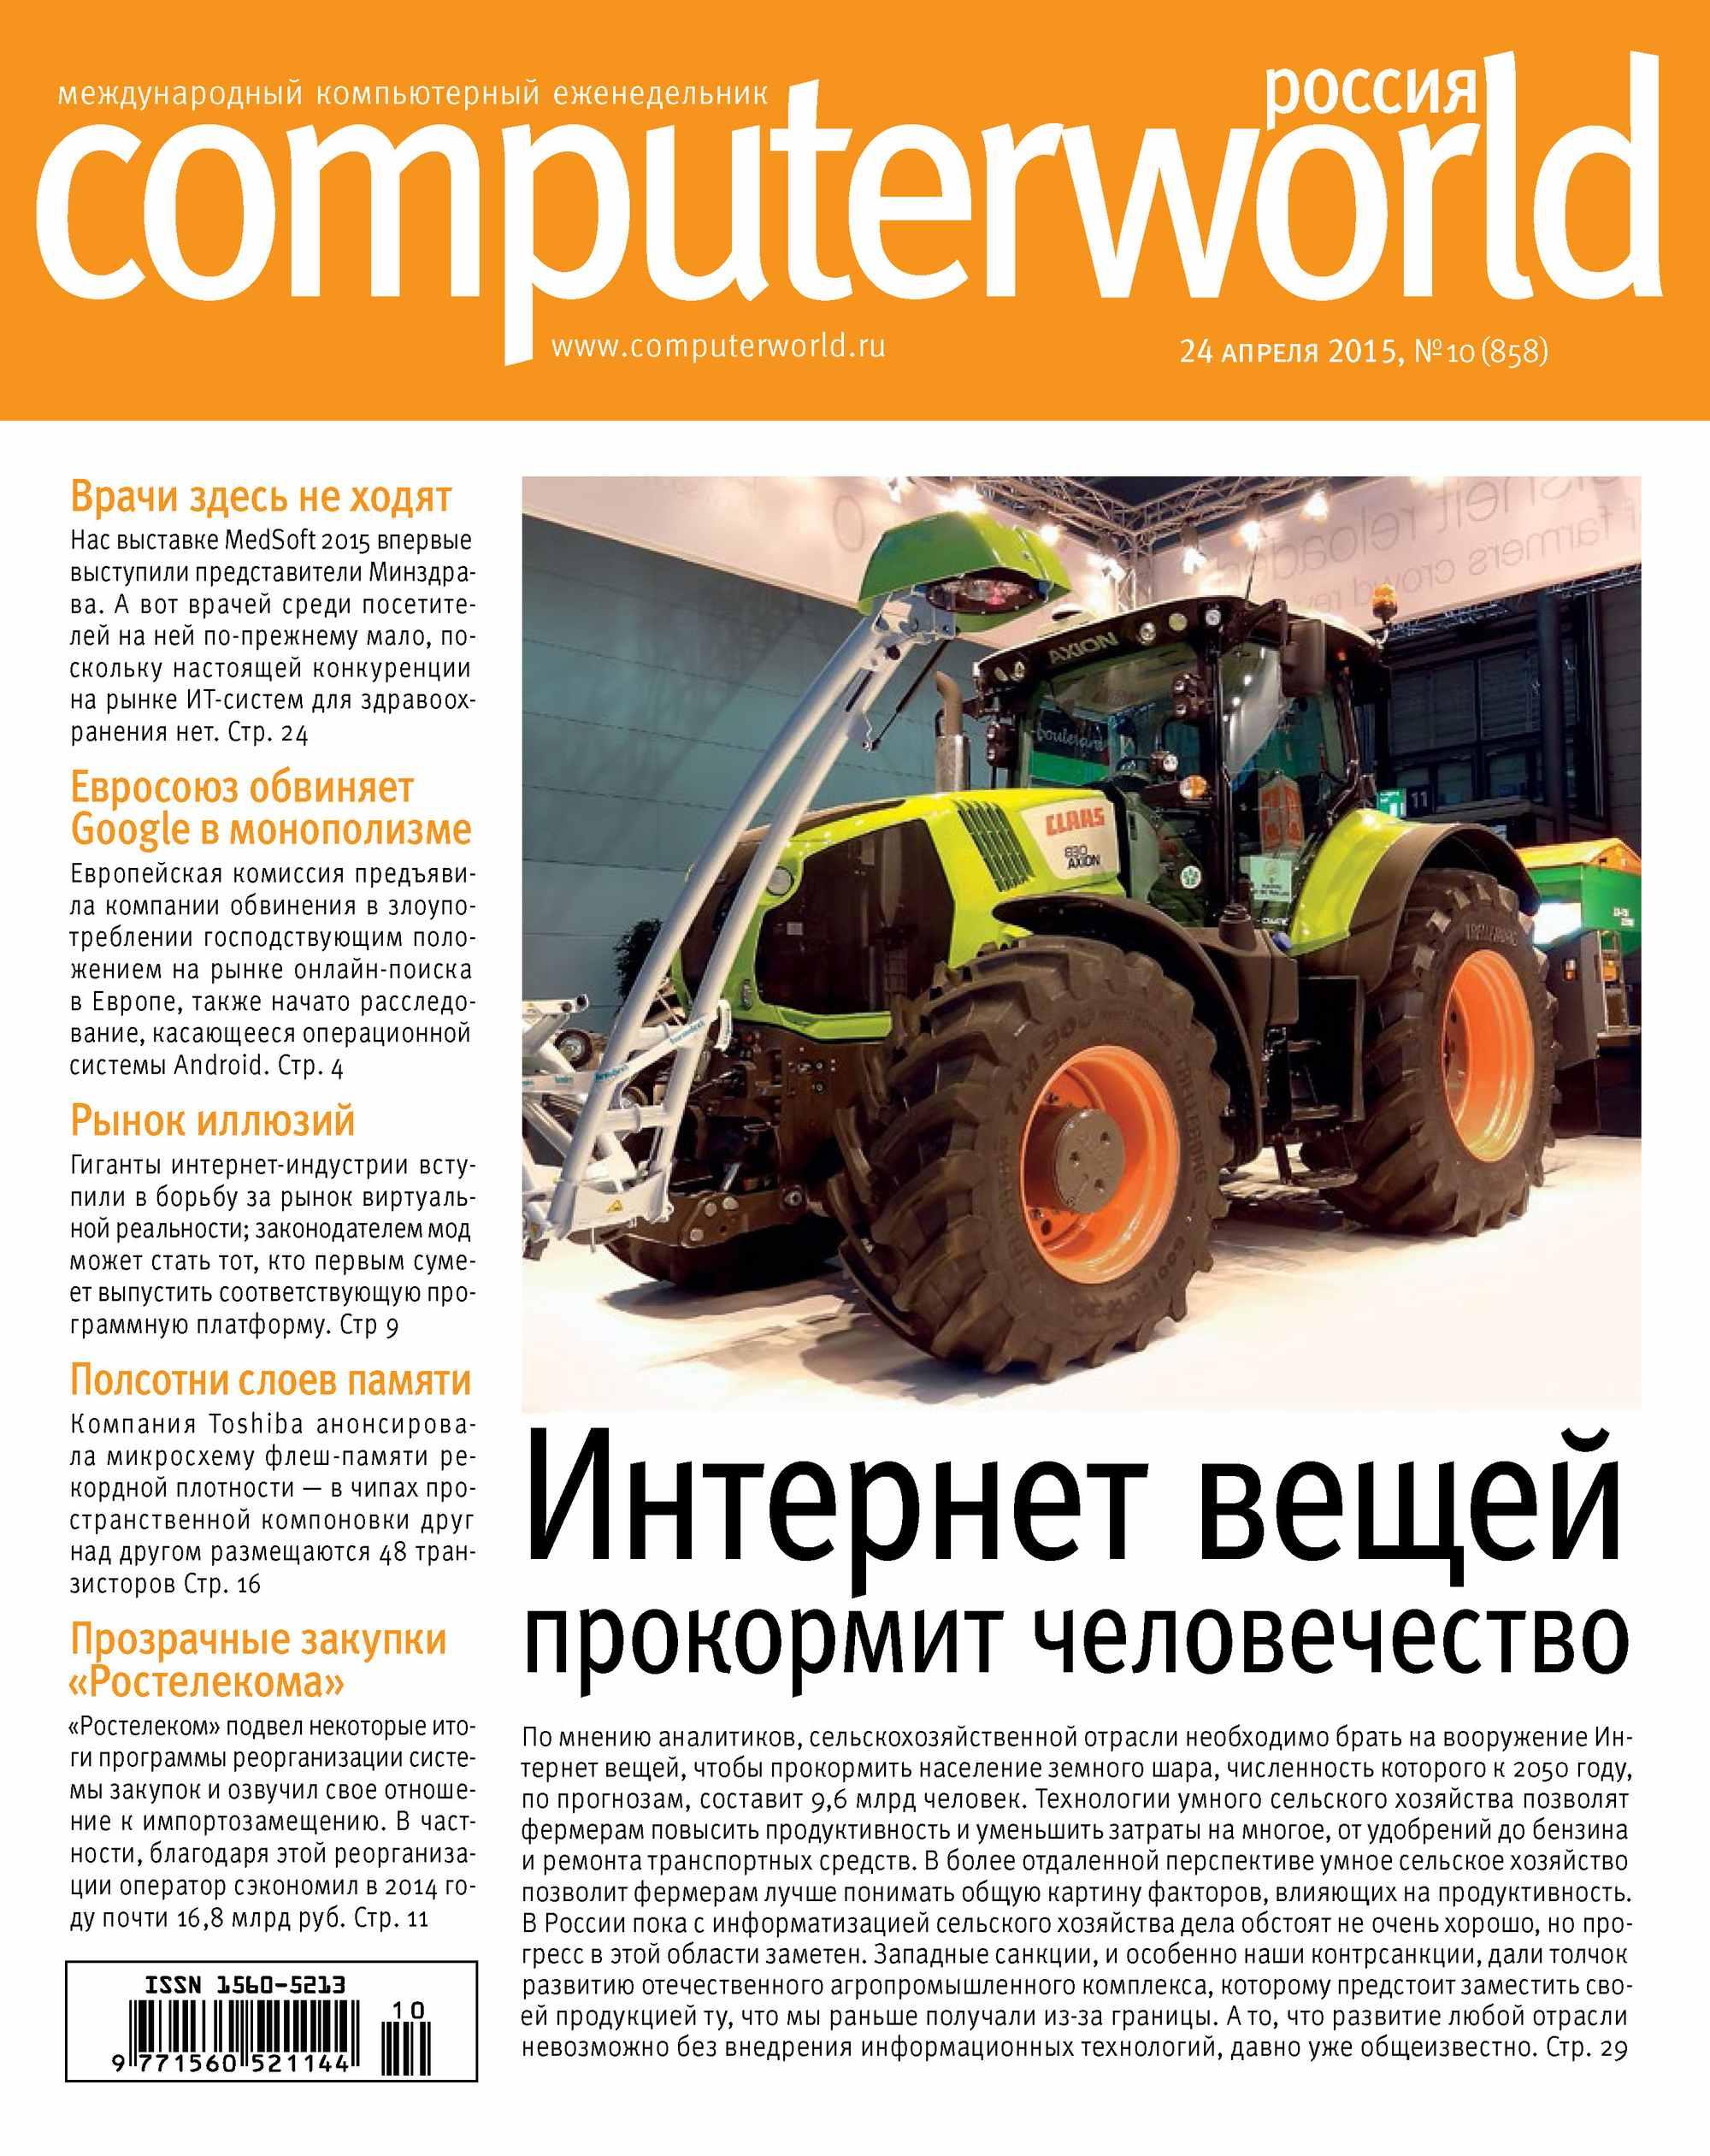 Открытые системы Журнал Computerworld Россия №10/2015 микросхему ld1807